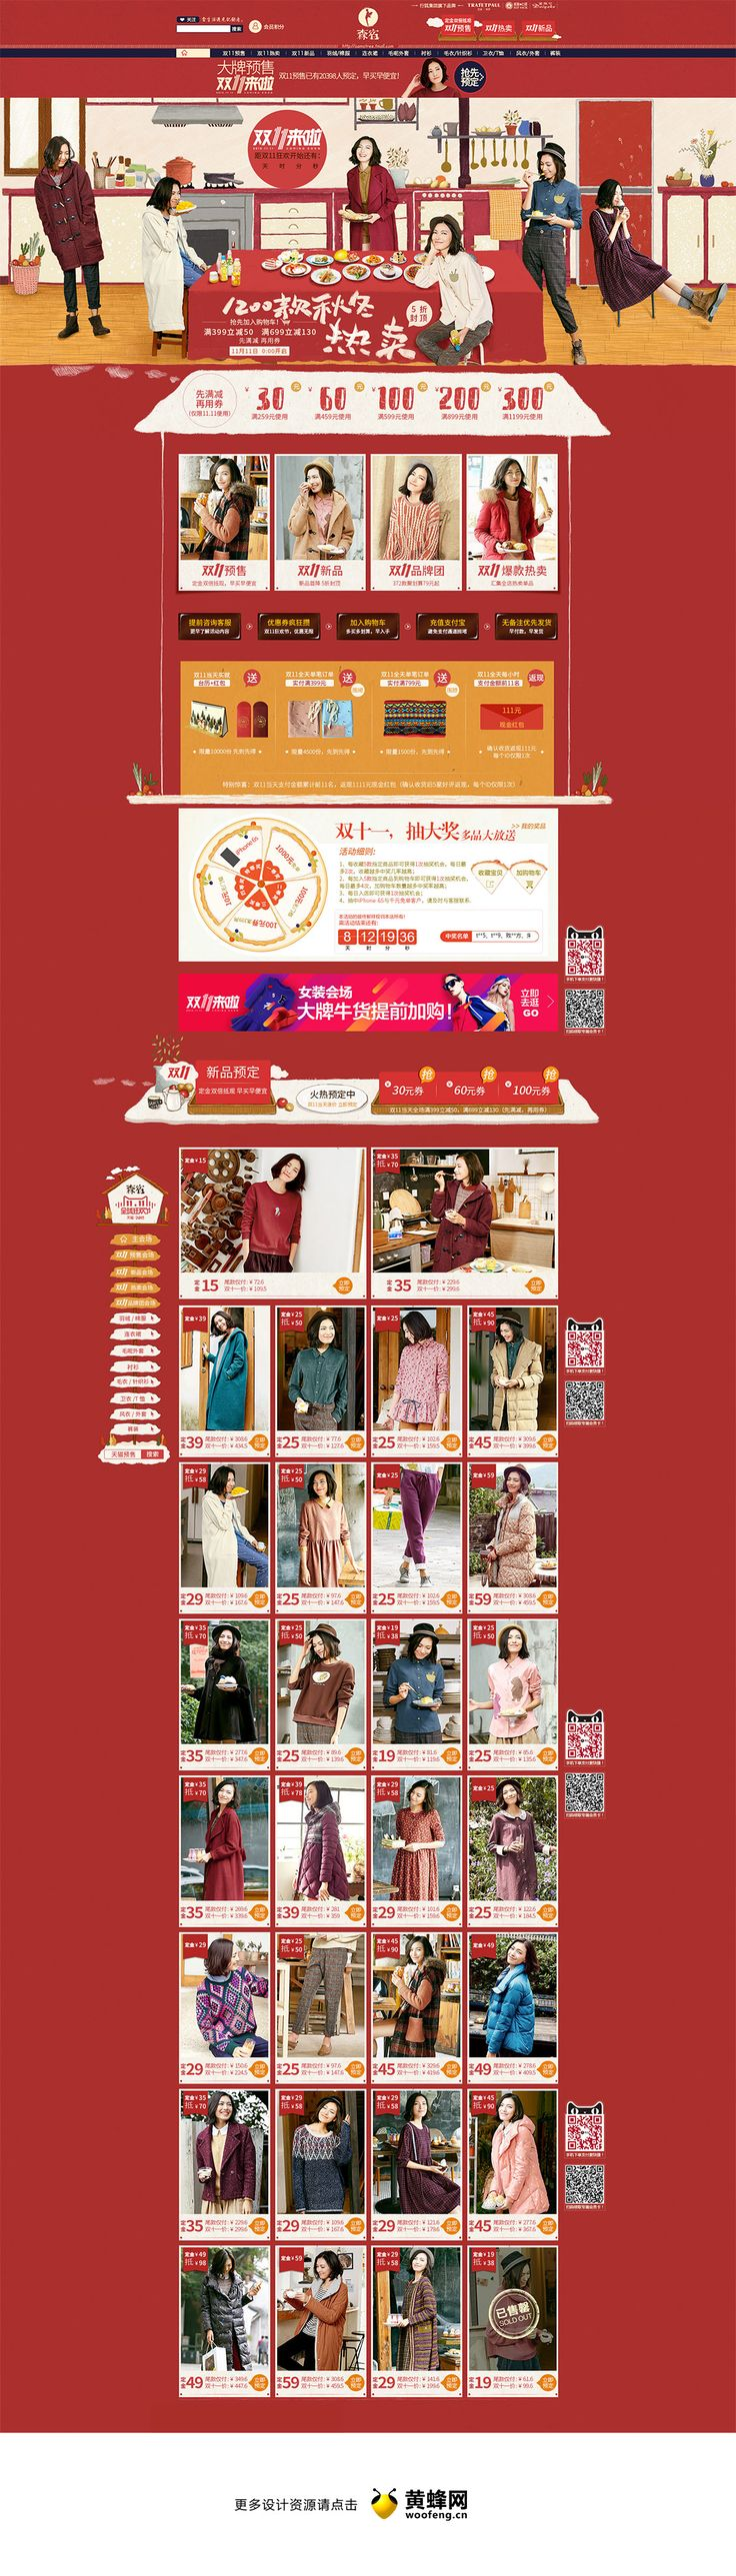 森宿女装双11店铺首页设计,来源自黄蜂网http://woofeng.cn/